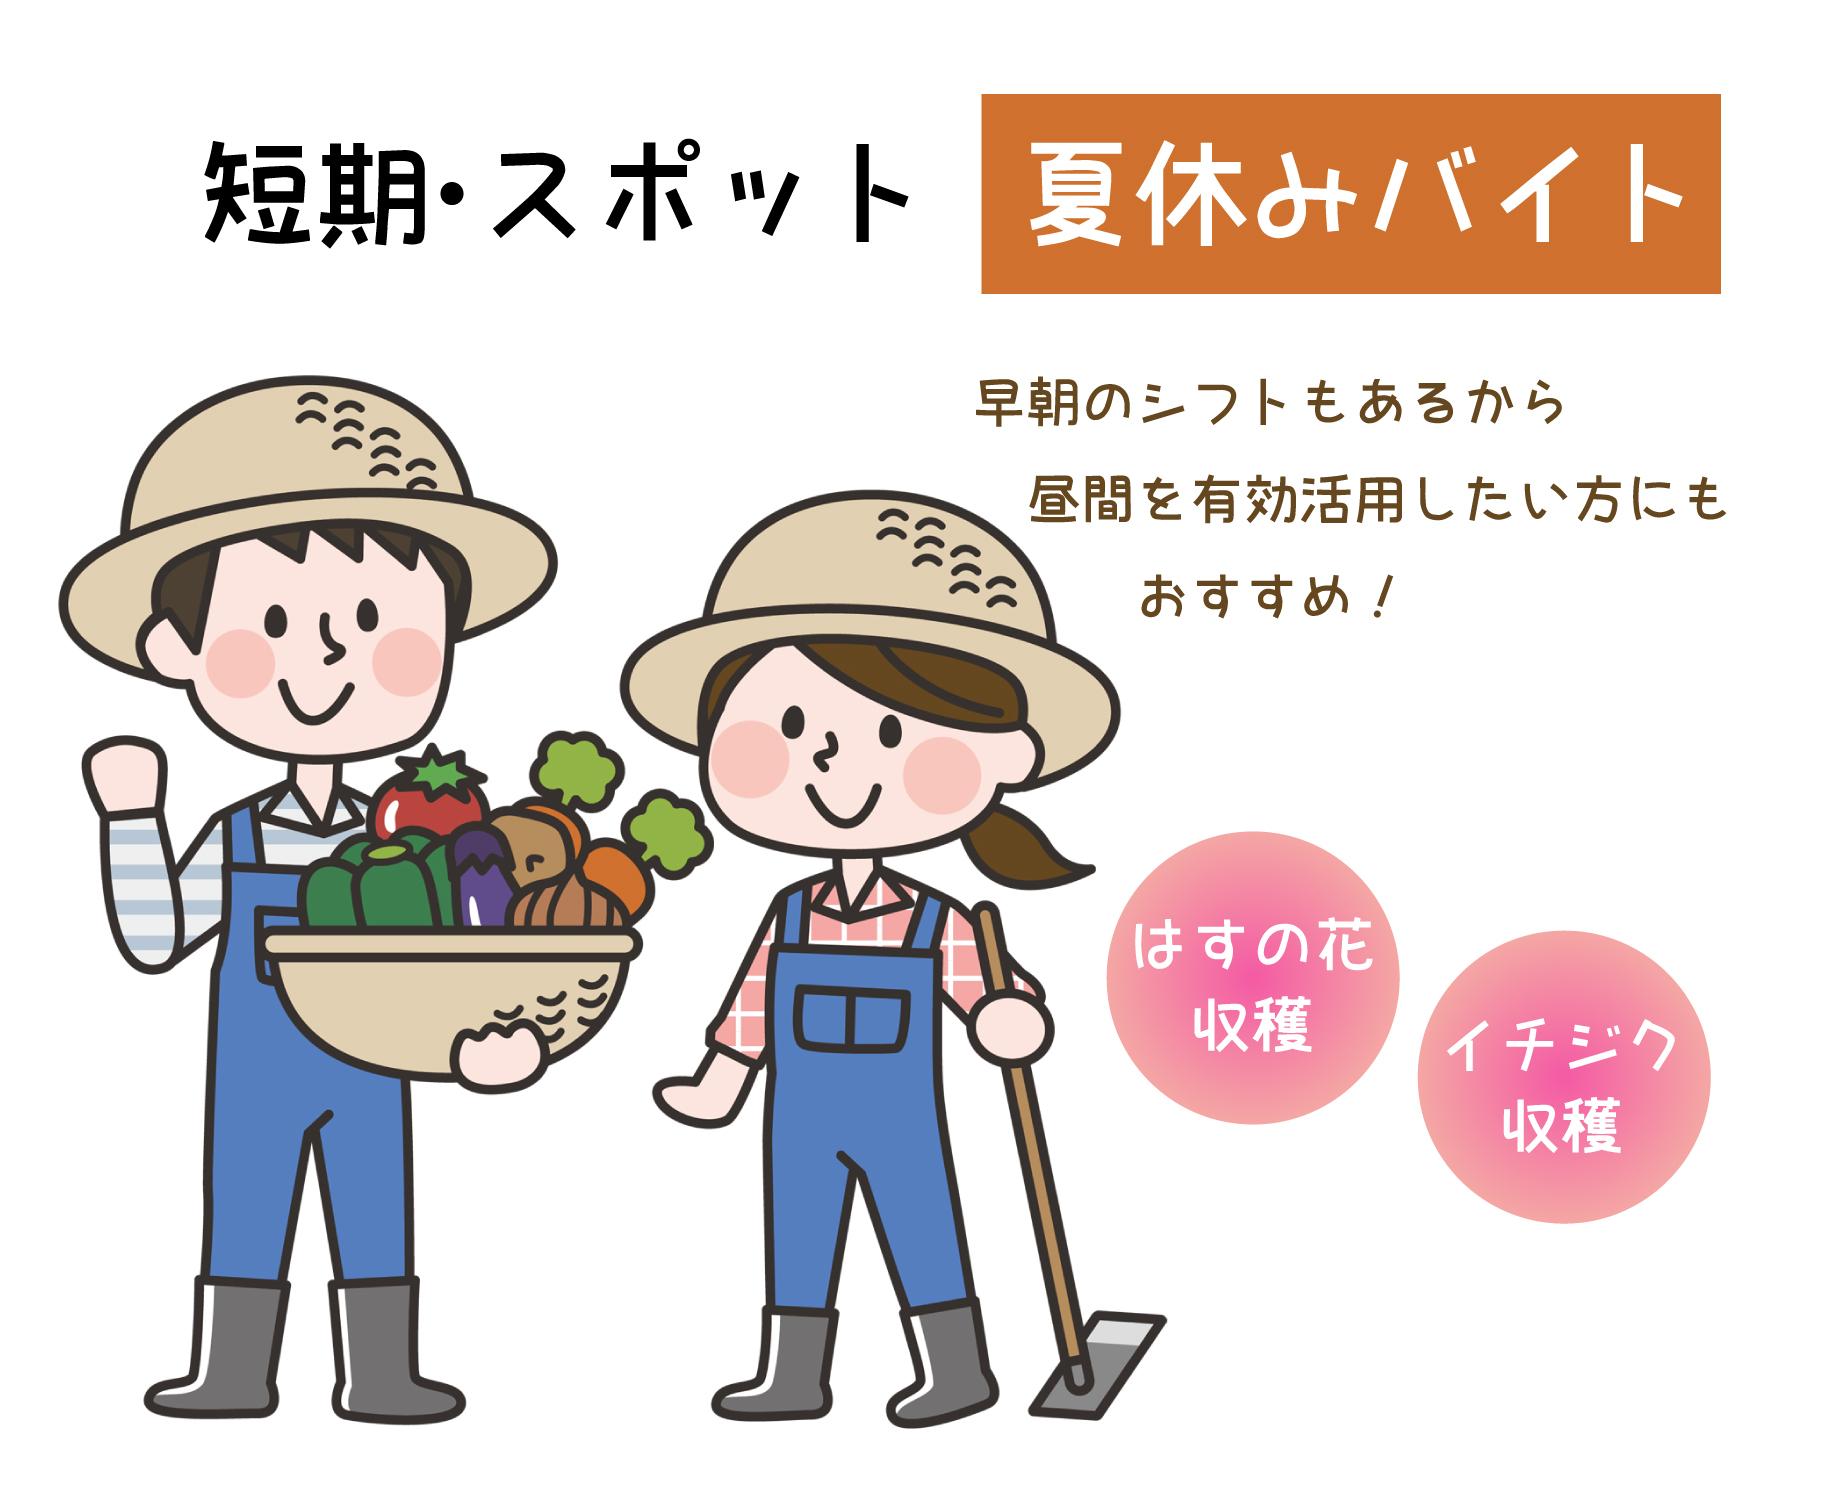 日払い・週払い求人募集終了:農業 城陽市 夏休みバイト~9月末 ハスの花・イチジクの収穫やパック詰めイメージ